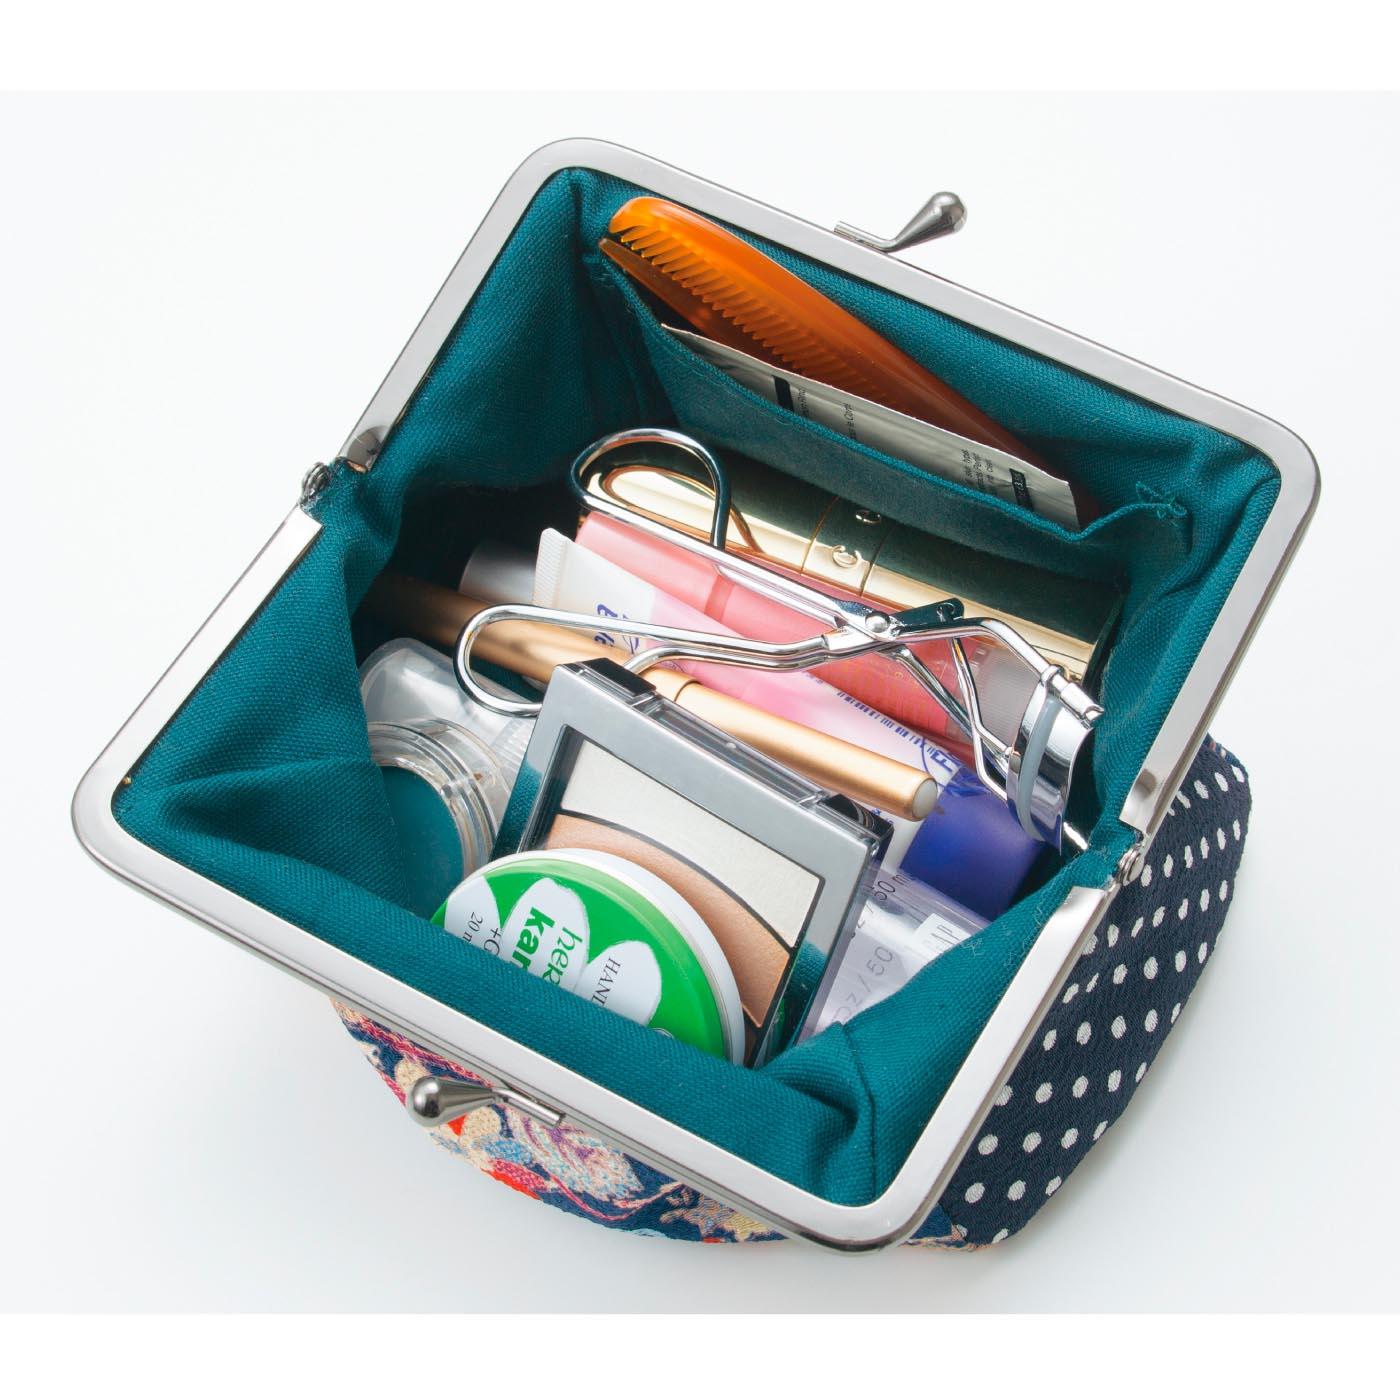 大きく開くので、中身が見渡せて取り出しやすい。ヘアピンやアクセ入れに便利な片側内ポケット付き。